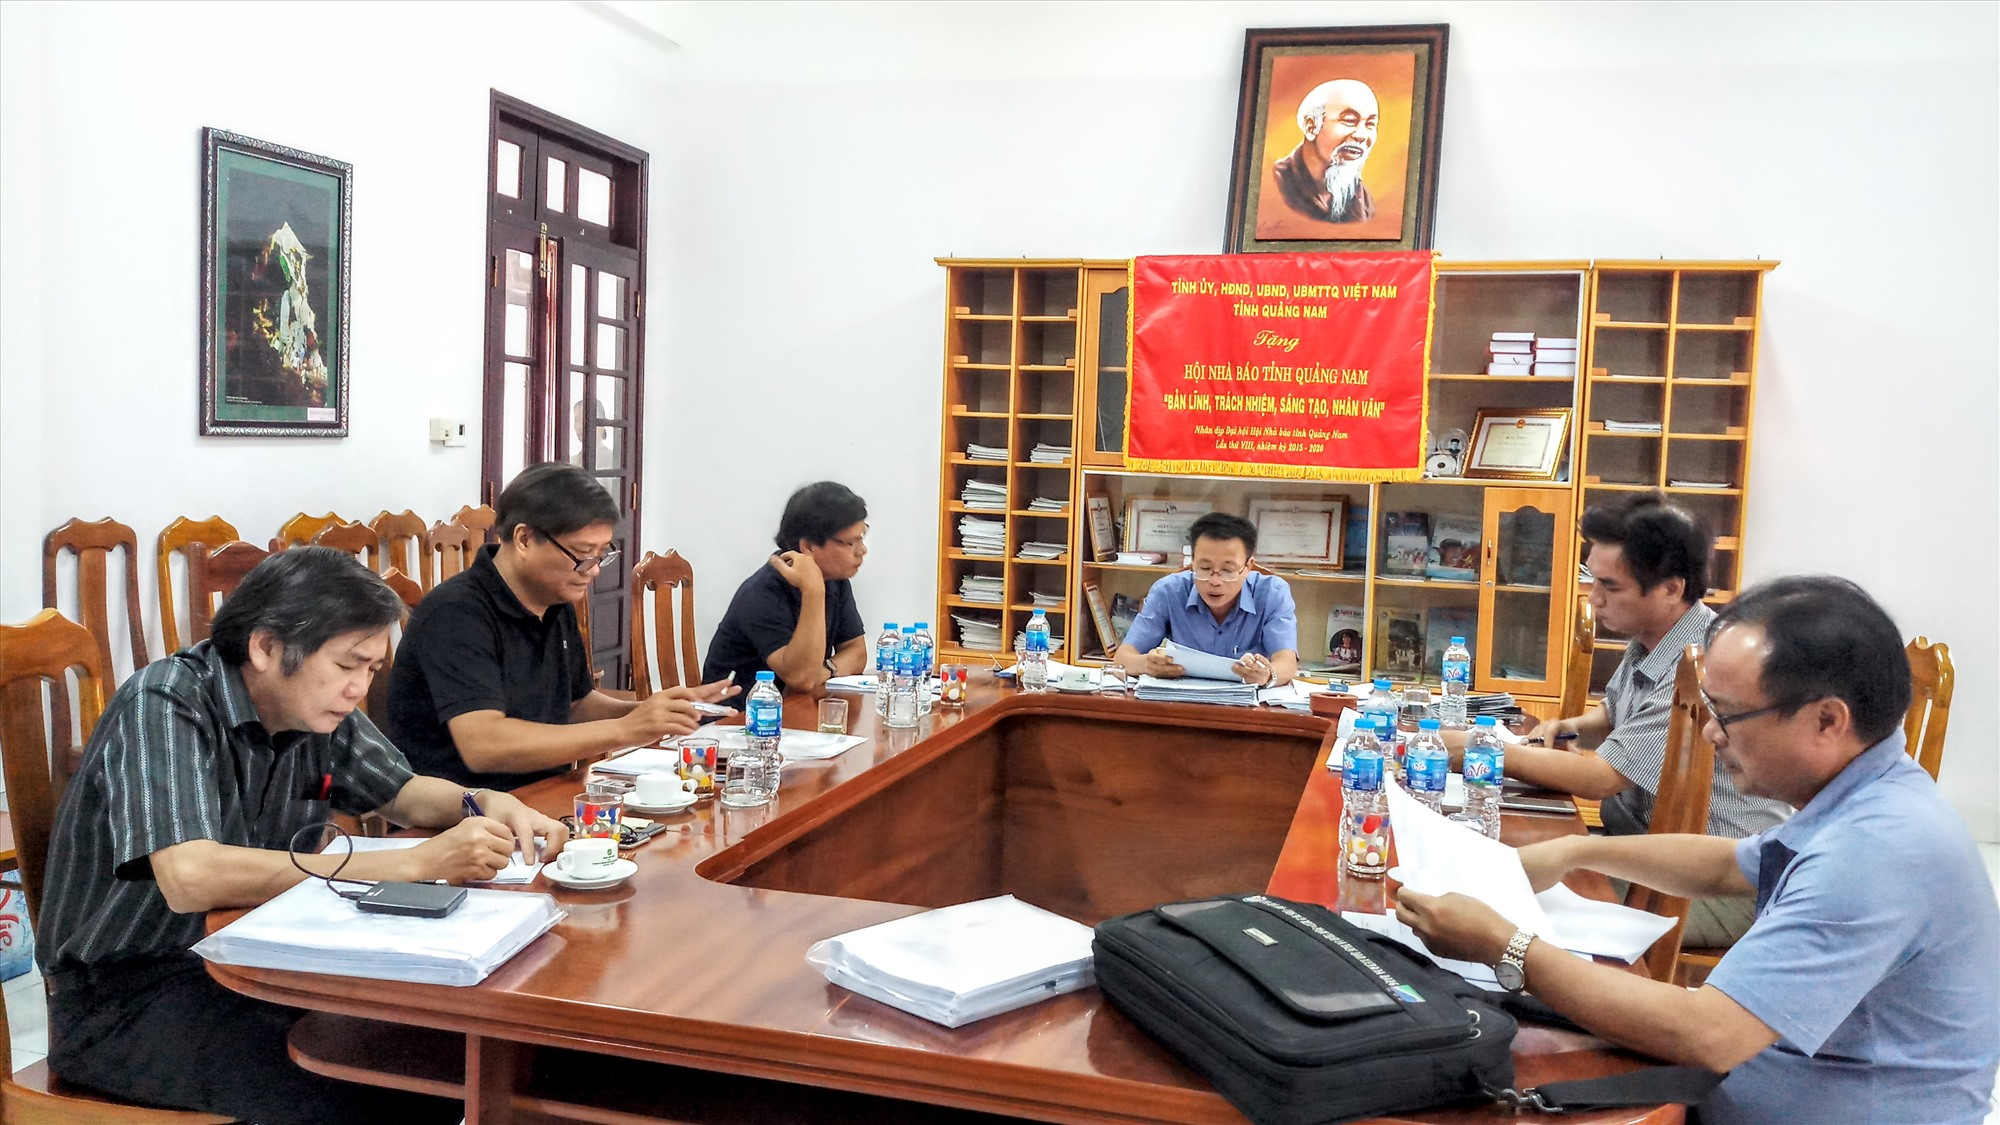 Ban giám khảo Giải báo chí Huỳnh Thúc Khâng lần thứ XIV hội ý việc chấm chọn các tác phẩm dự thi. Ảnh: A.N